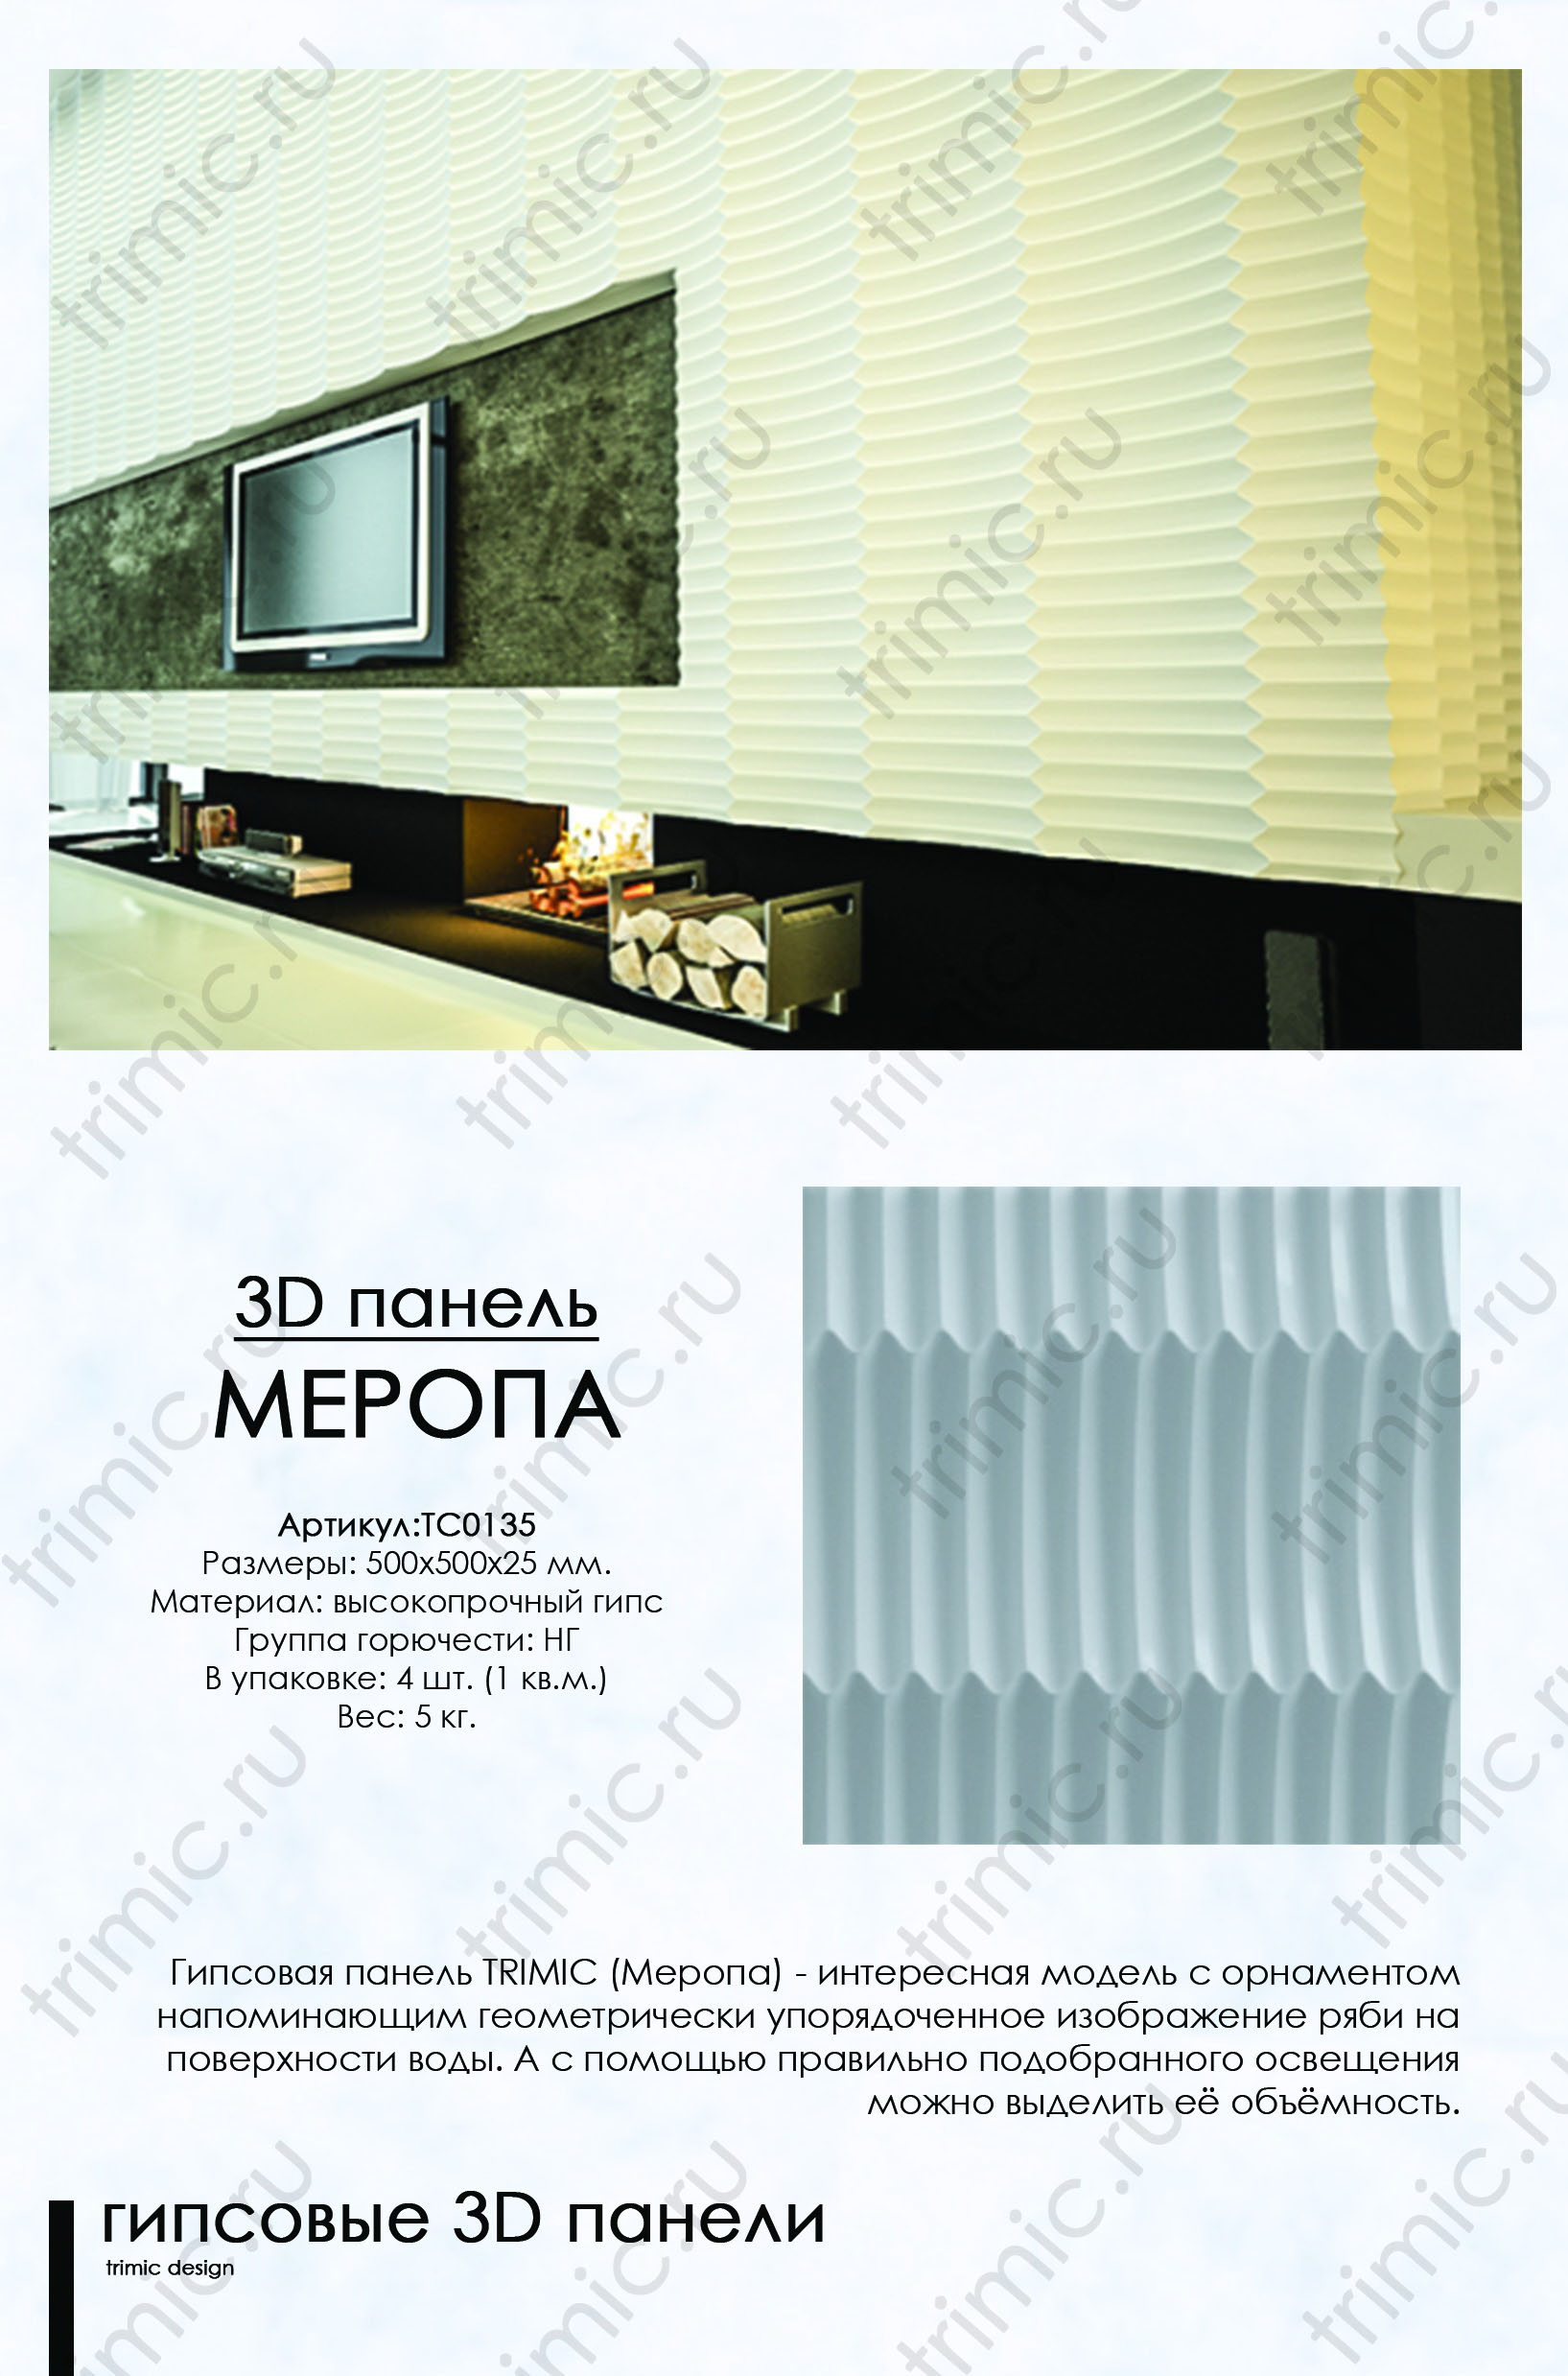 """3D панель из гипса """"Меропа""""  для интерьерного оформления стен."""